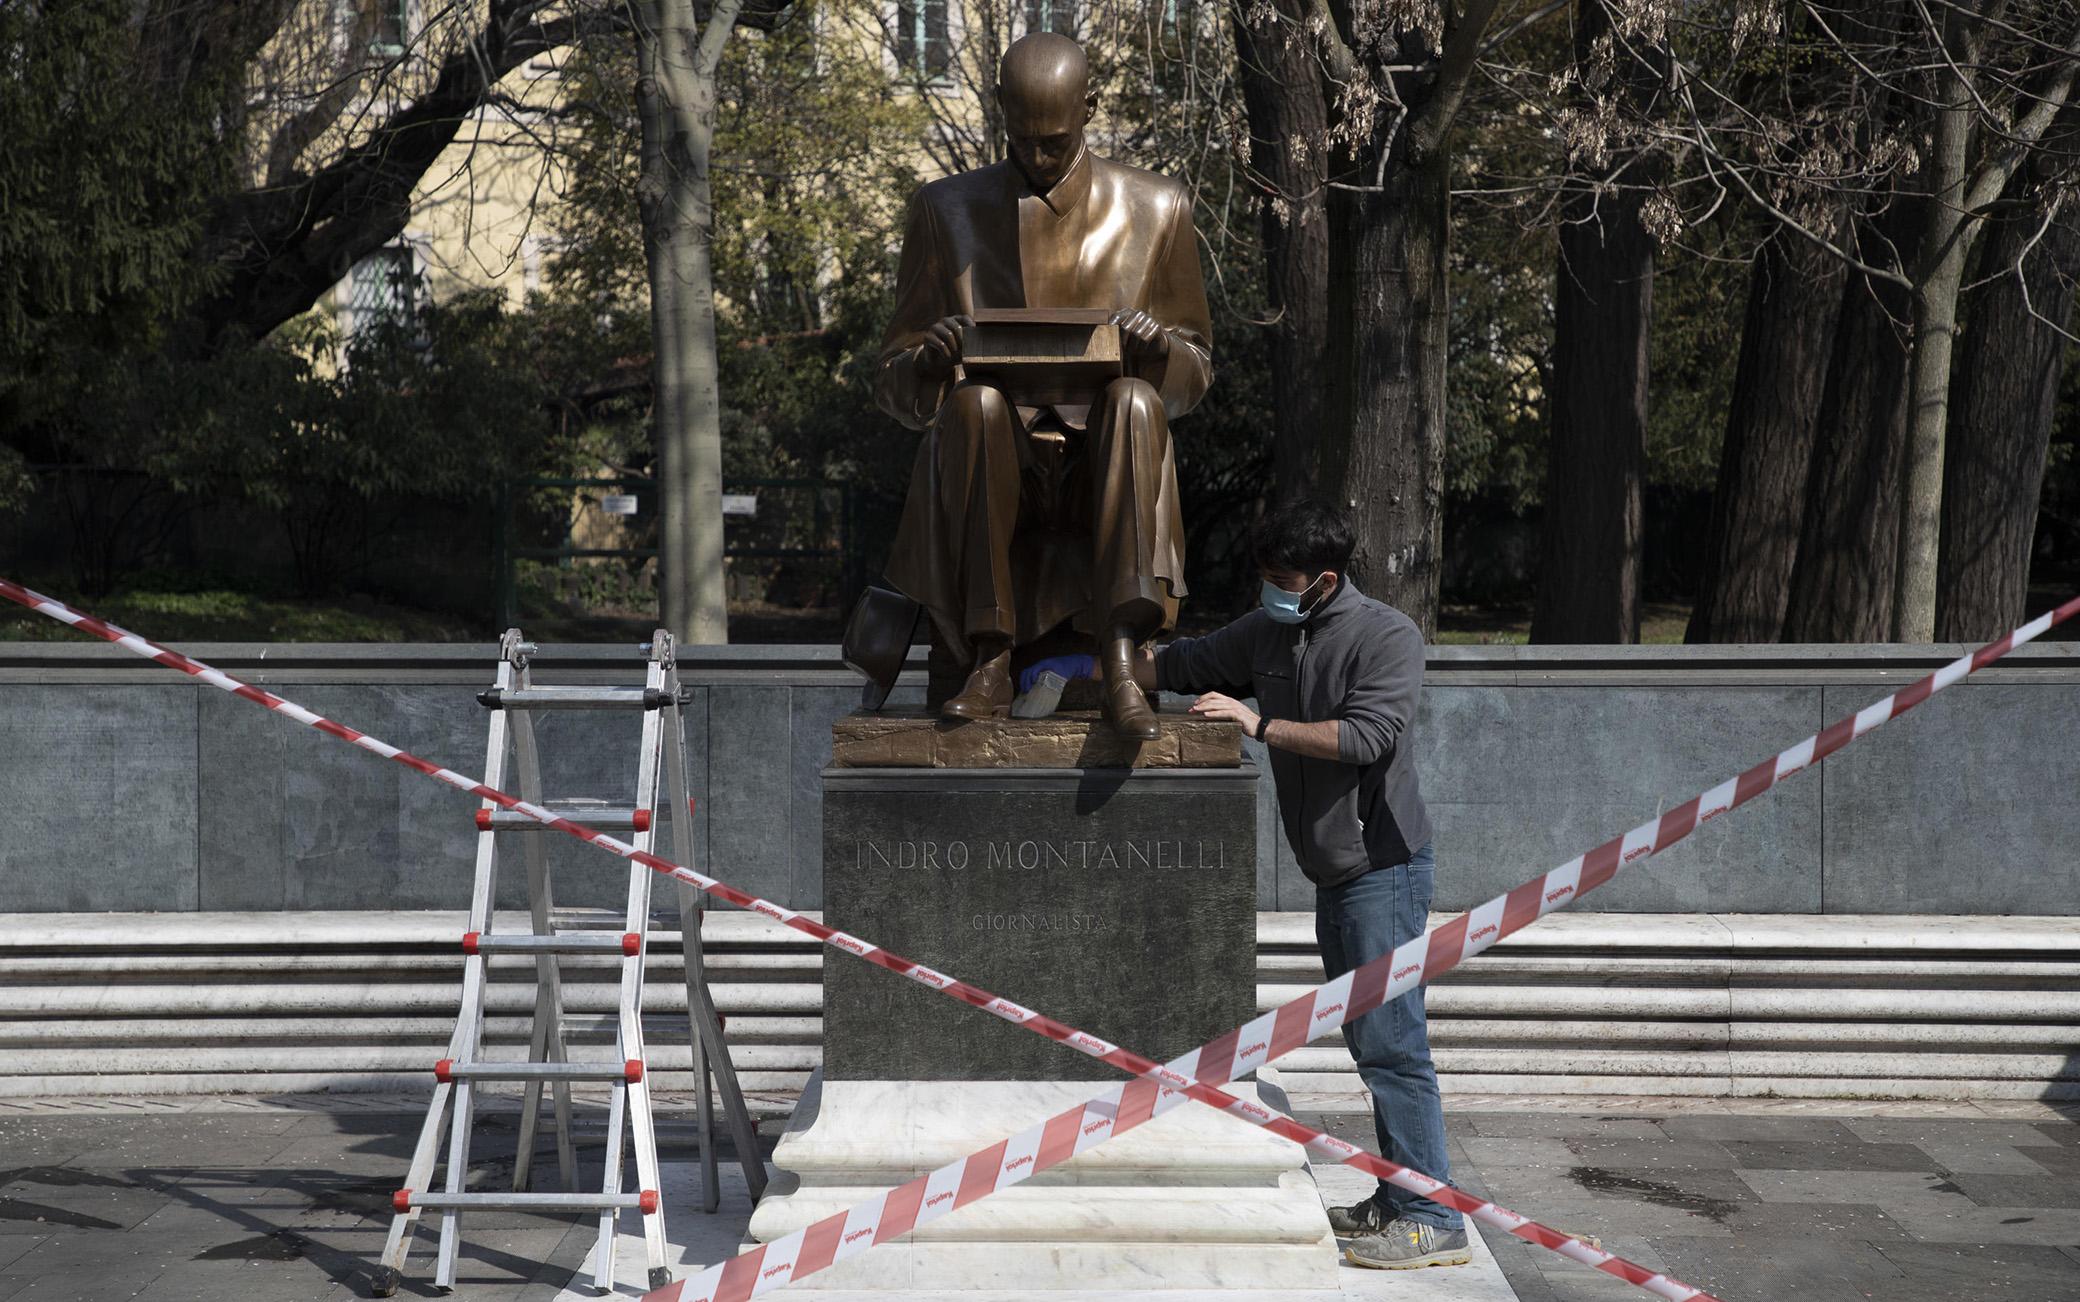 Dopo che ieri la statua di Indro Montanelli situata nei giardini di Porta Venezia è stata nuovamente imbrattata, i restauratori puliscono i graffiti fatti con la vernice, Milano, 12 marzo 2021. ANSA/ MARCO OTTICO